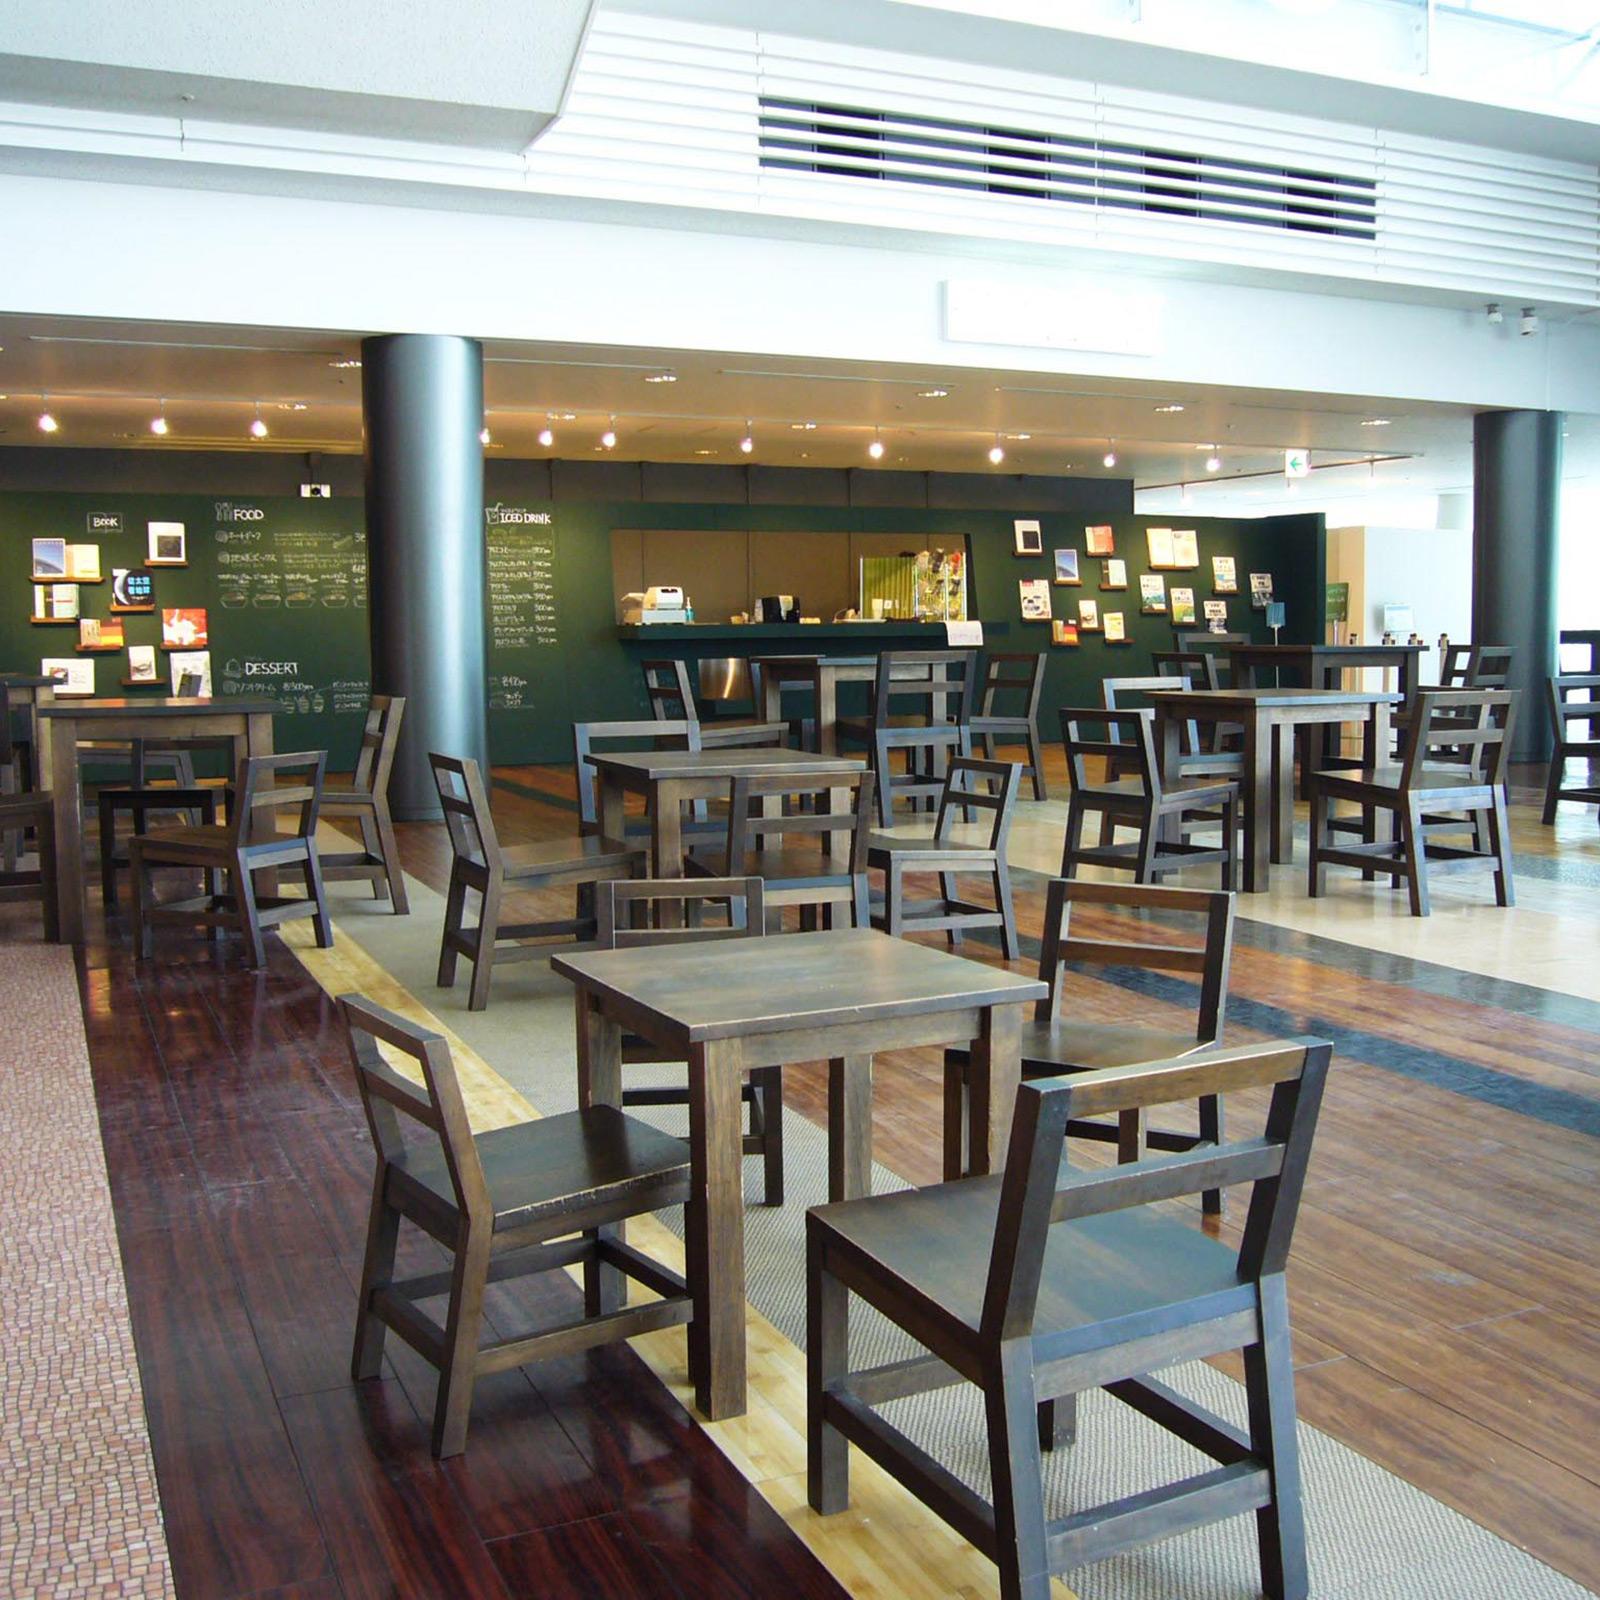 軽食や本も楽しめる5階のカフェ。7階には展望ラウンジもある。